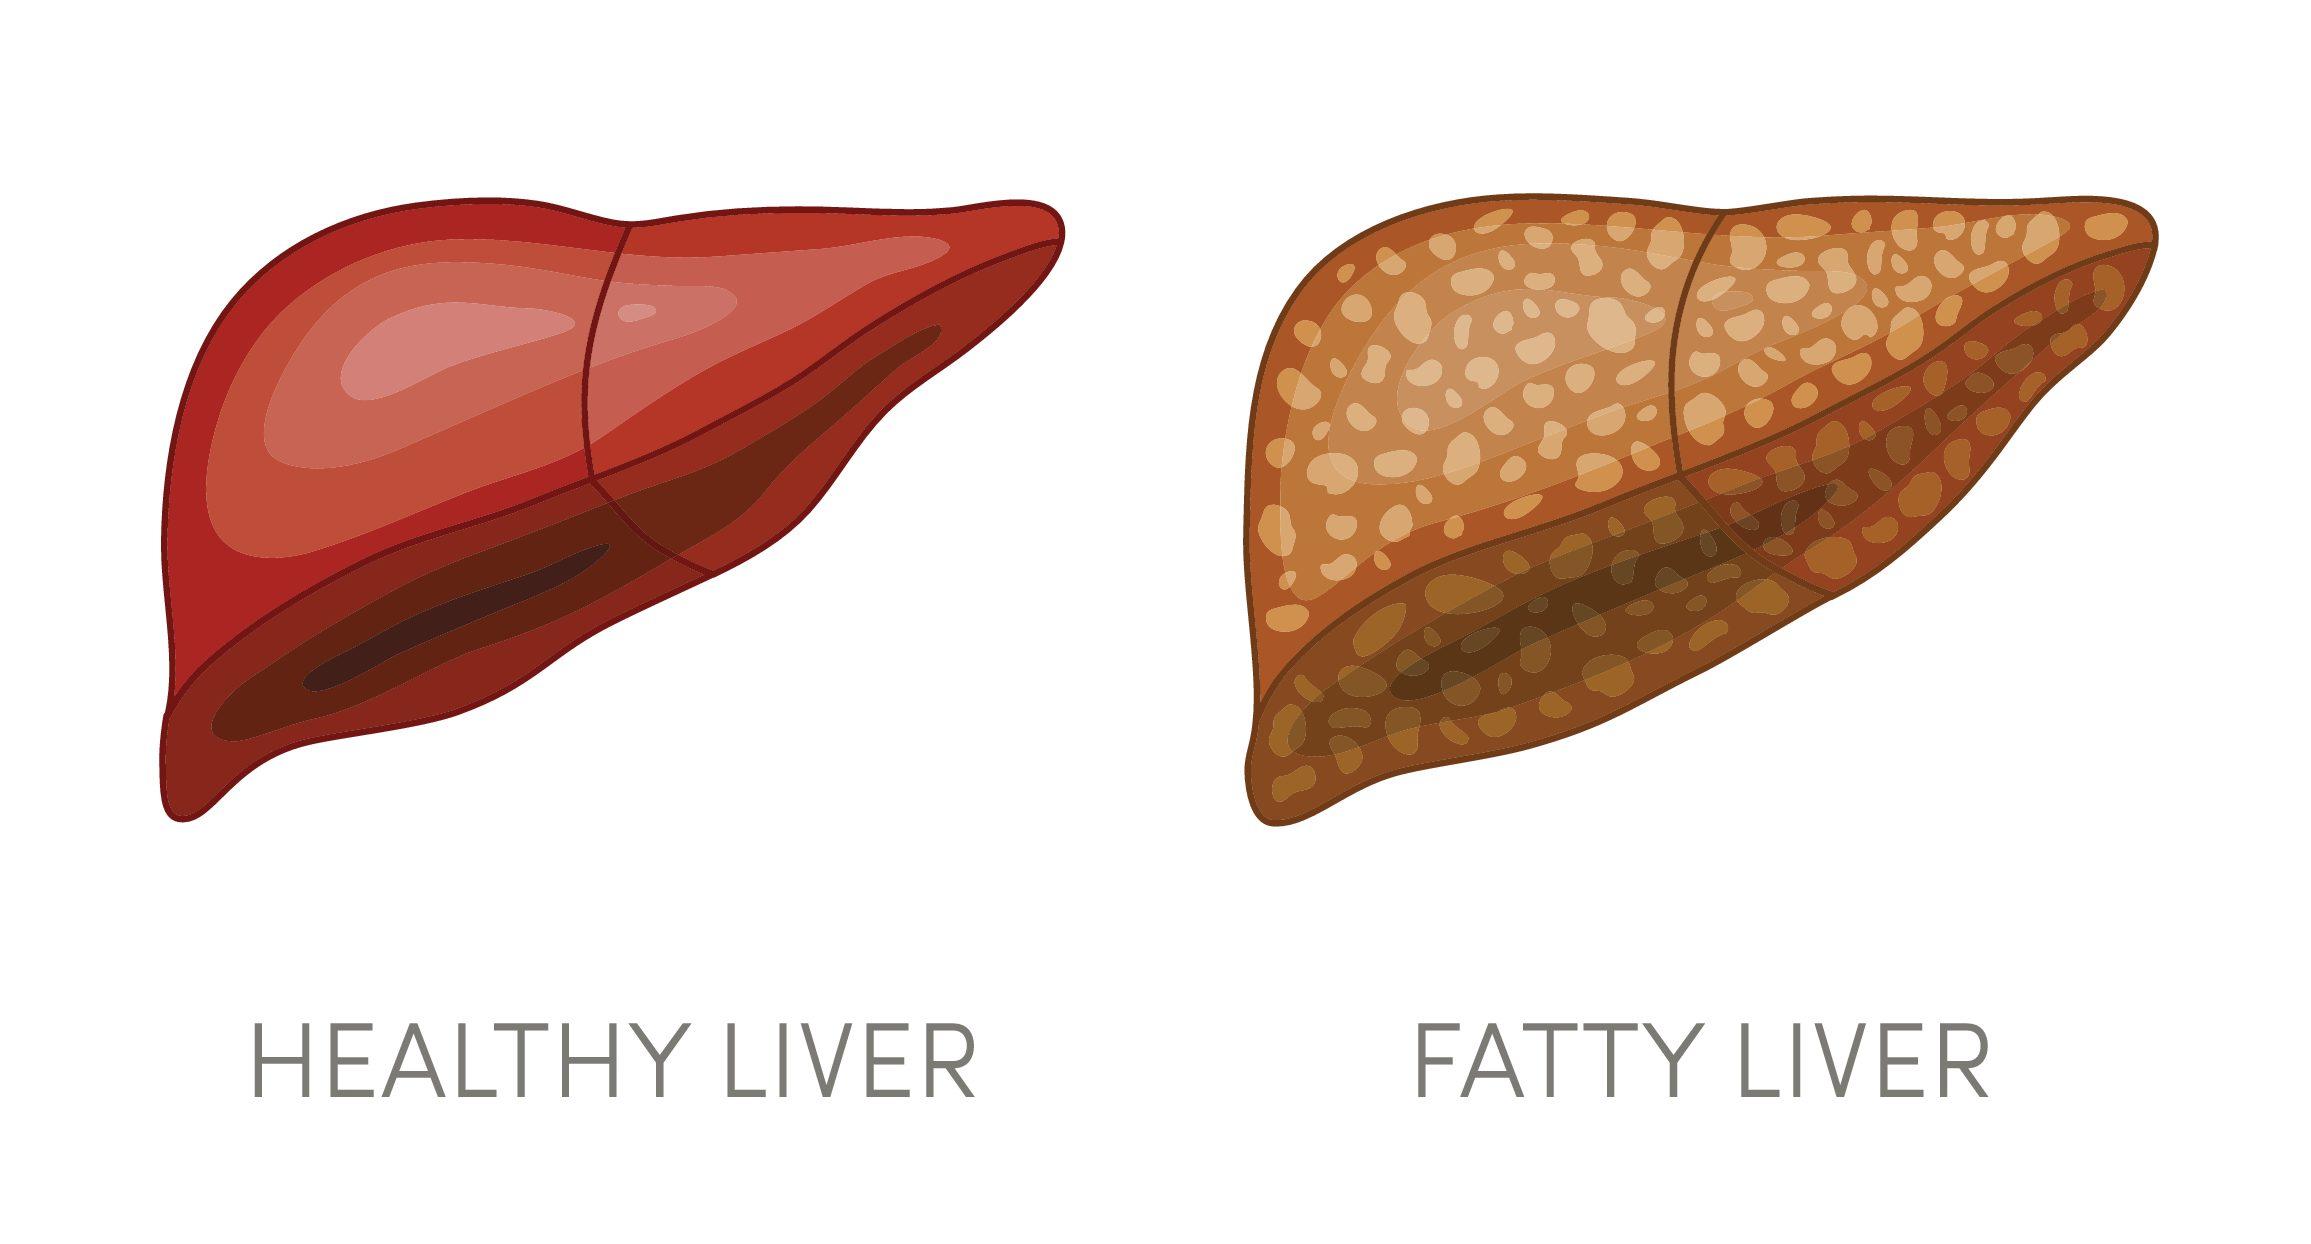 歯周病と脂肪肝と歯周統合医療との奇妙な関係